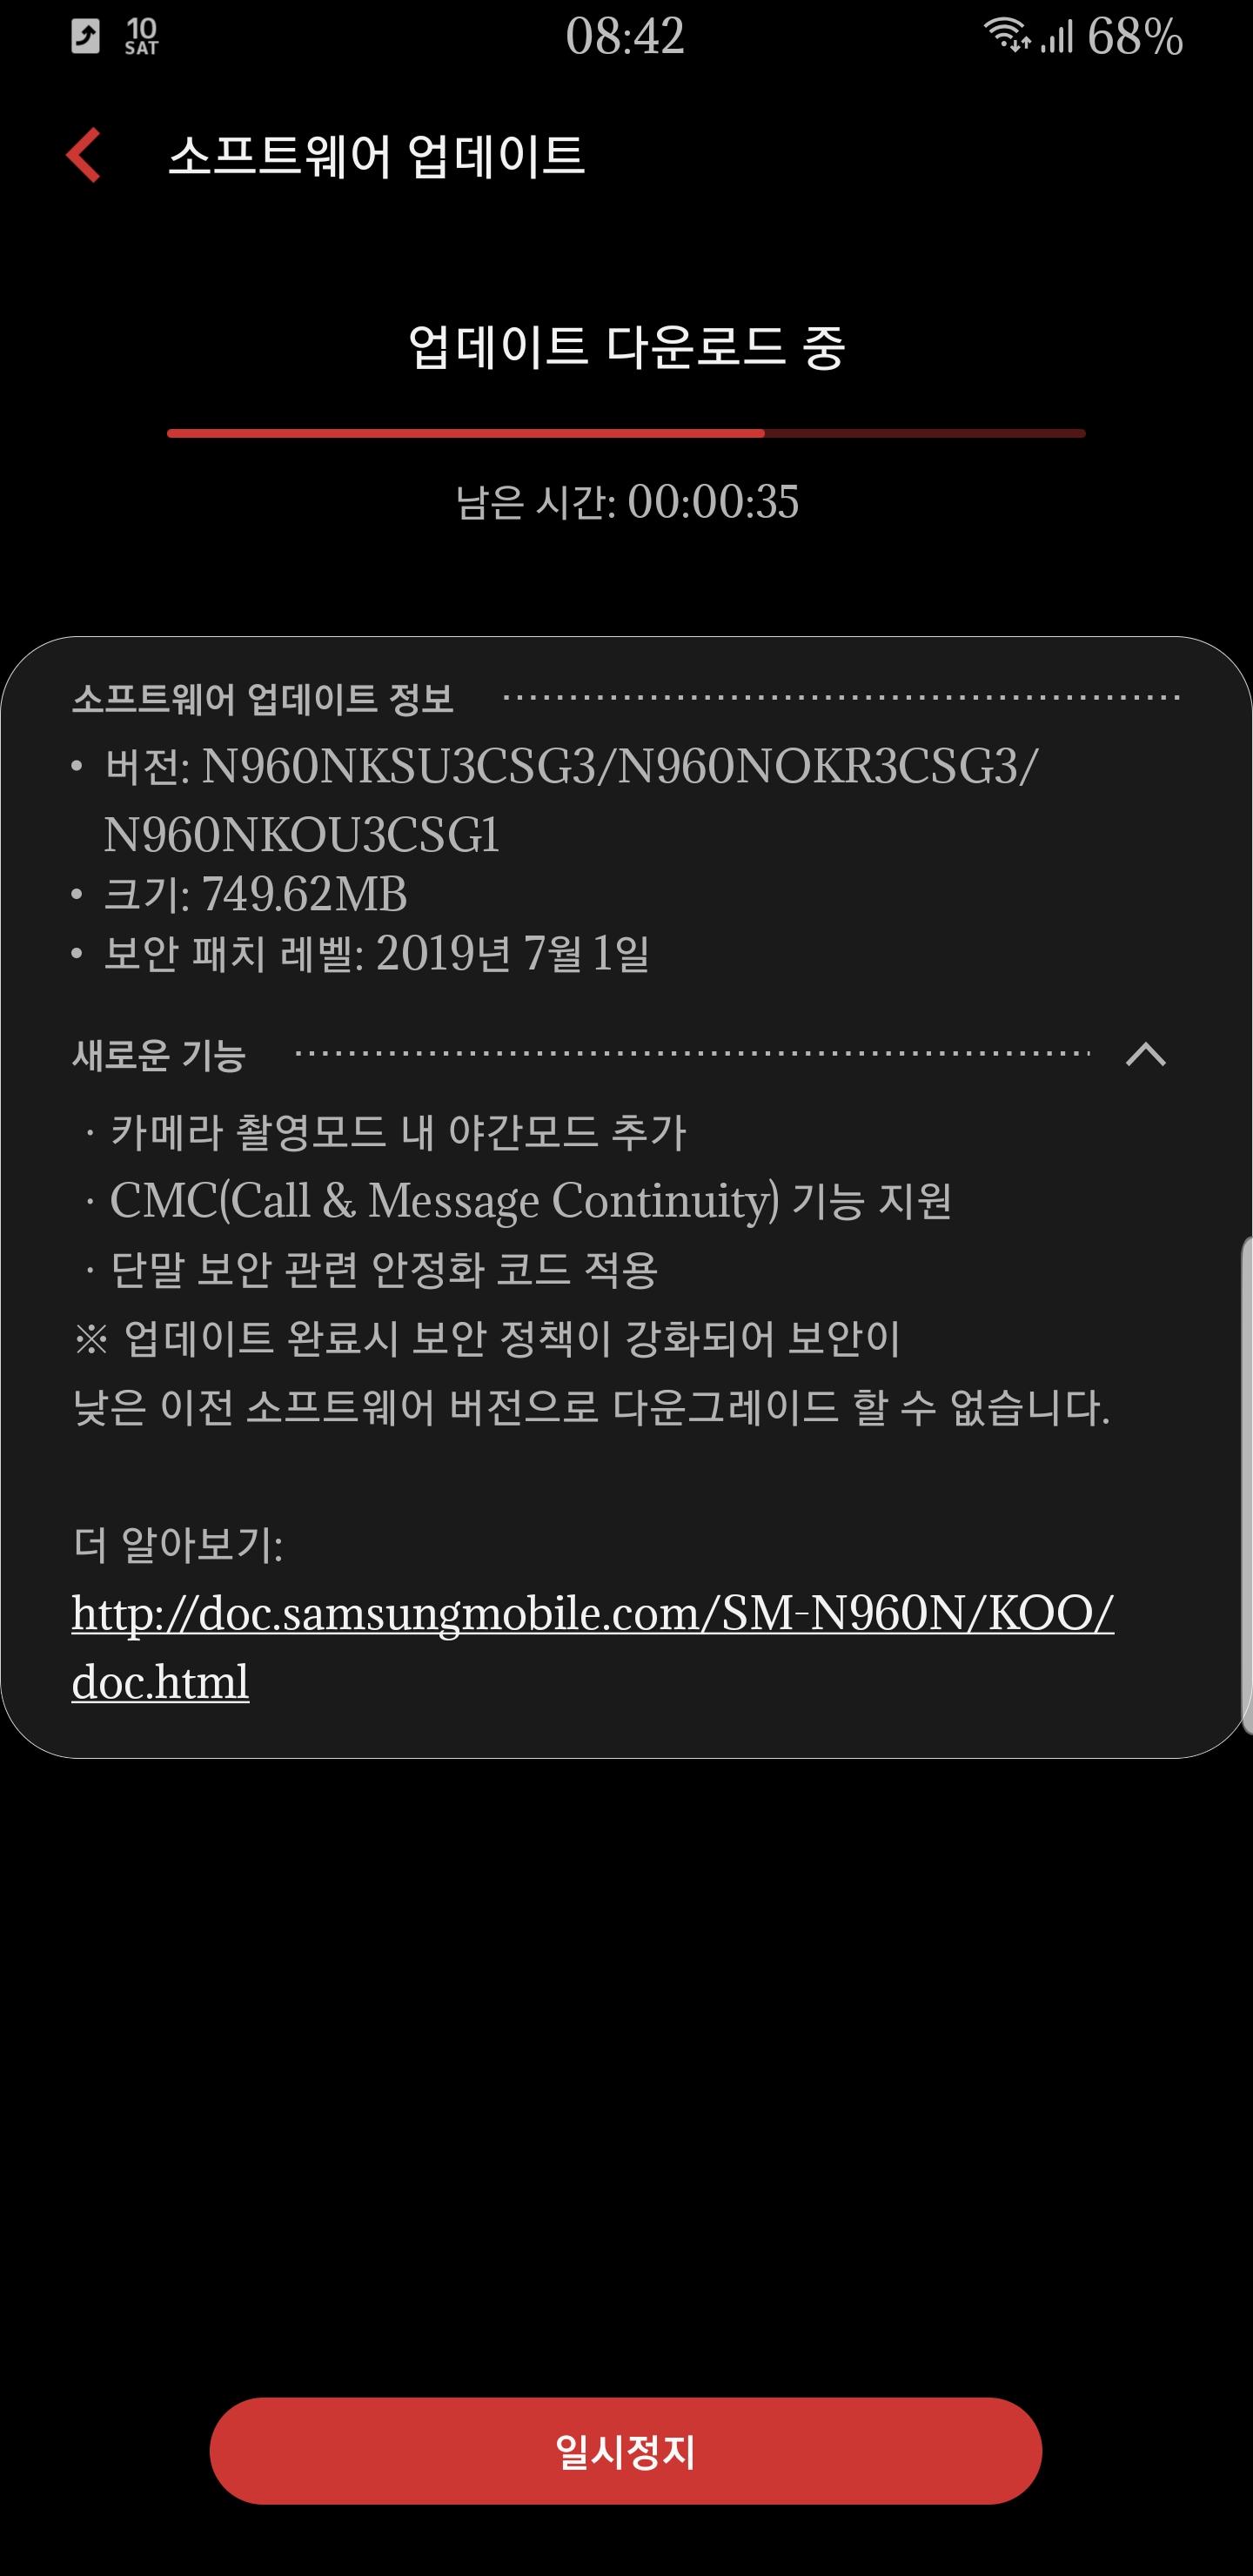 Screenshot_20190810-084241_Software update.jpg